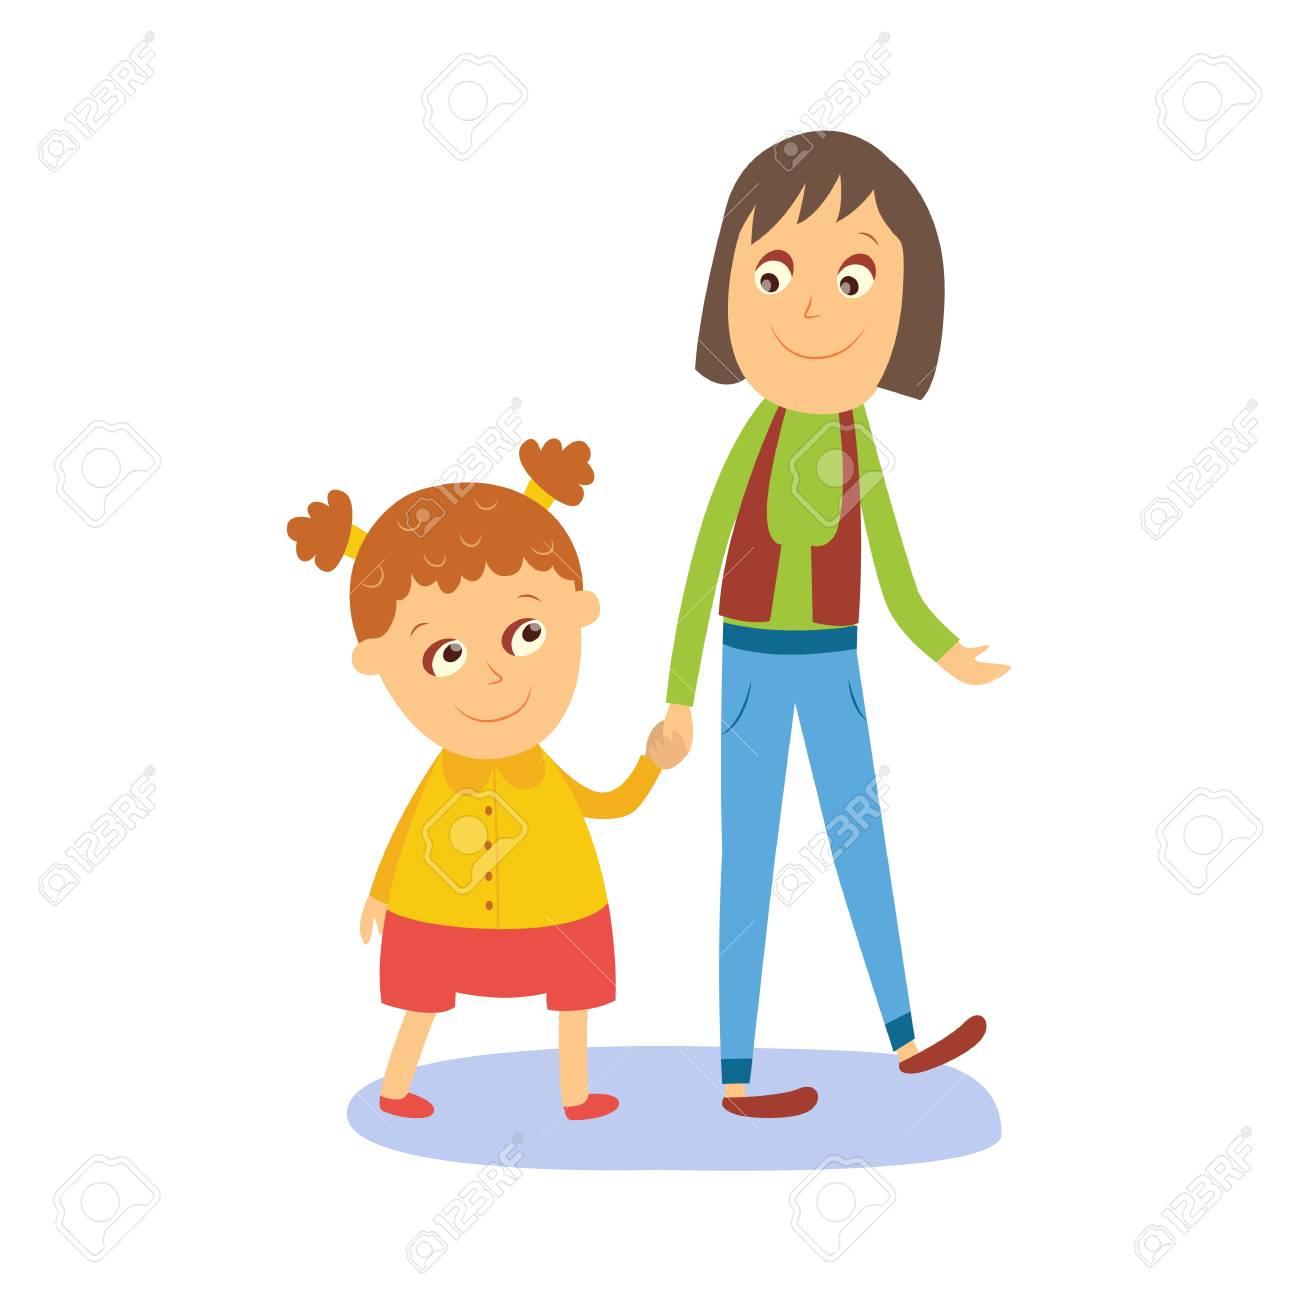 Mère Et Fille Petite Fille Marchant Avec Sa Maman Main Dans La Main Illustration De Vecteur De Dessin Animé Style Plat Comique Isolée Sur Fond